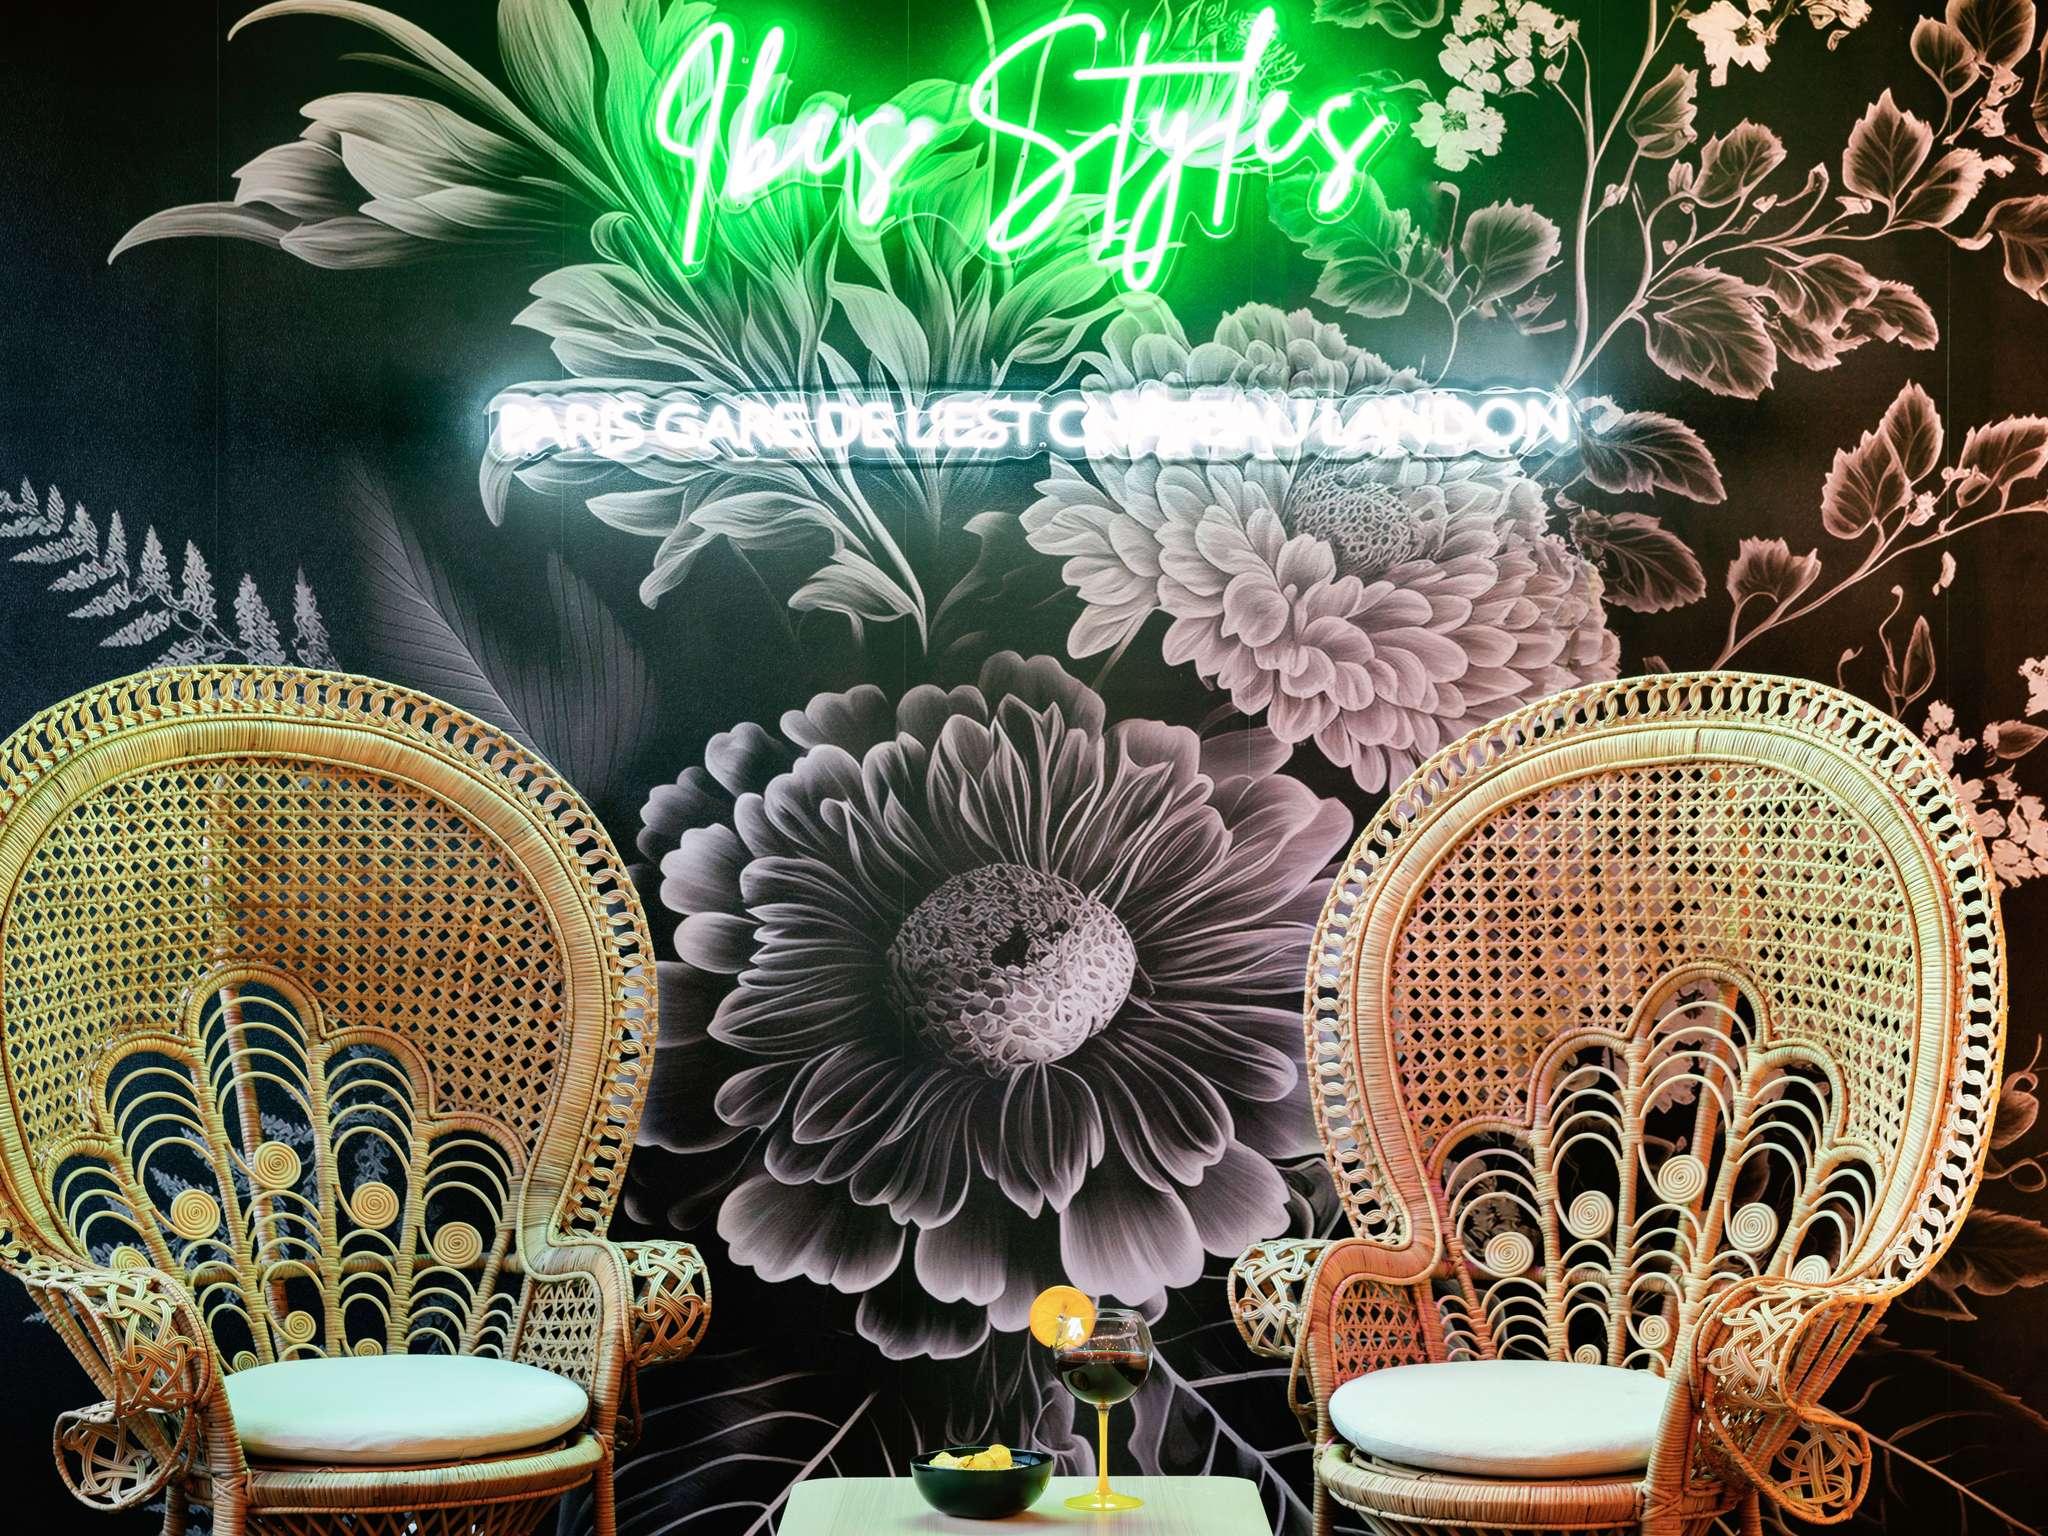 فندق - ibis Styles باريس غار دو ليست شاتو لاندونأول سيزنز سابقًا